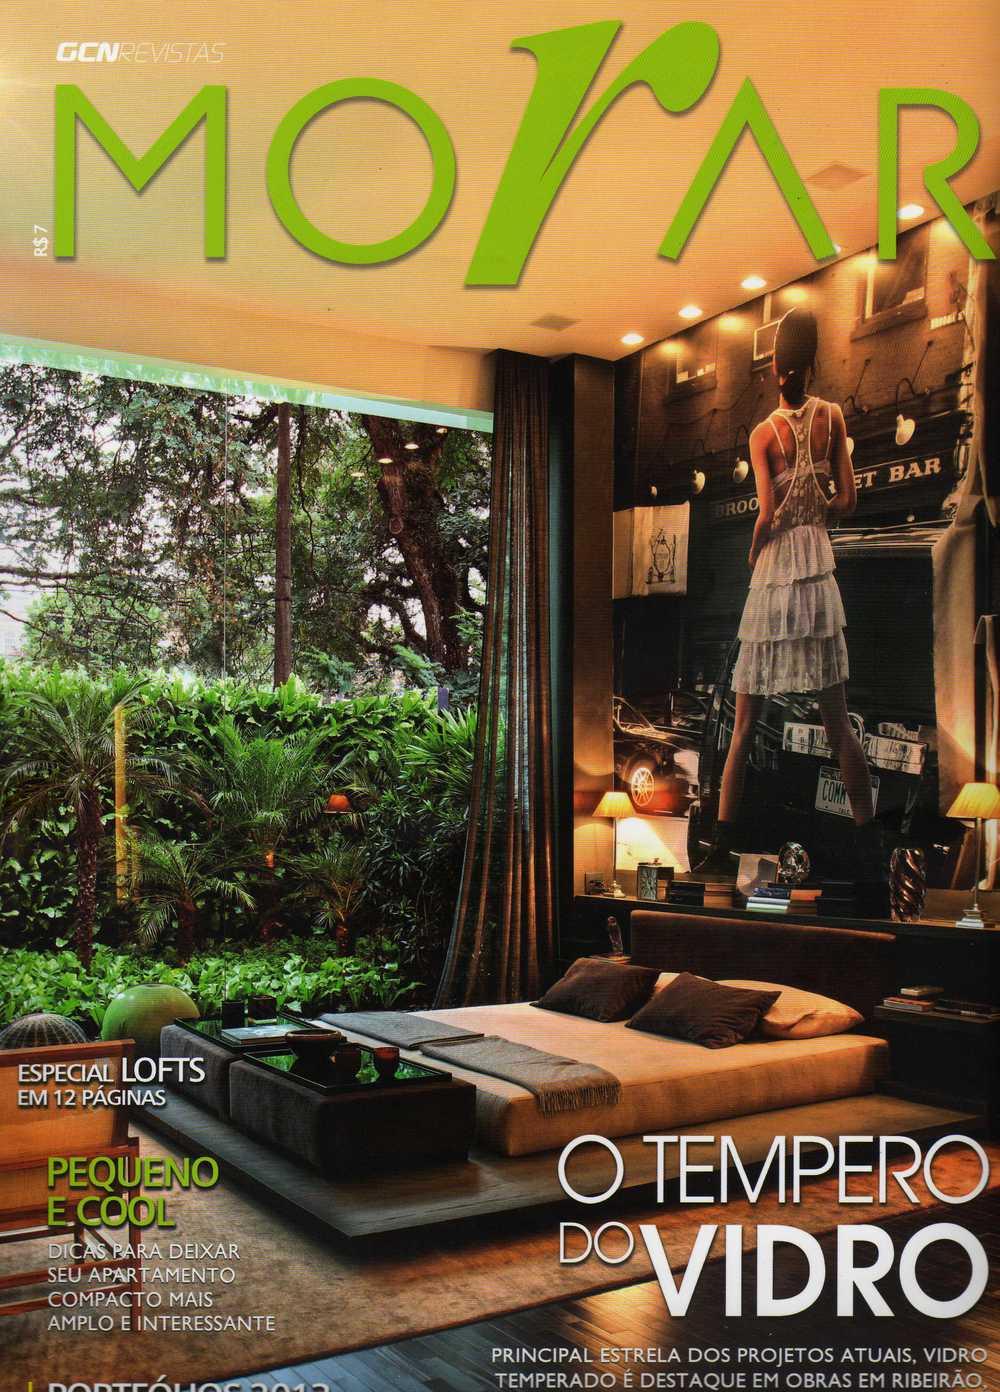 Revista Morar Setembro de 2013 GCN - Grupo Correa Neves